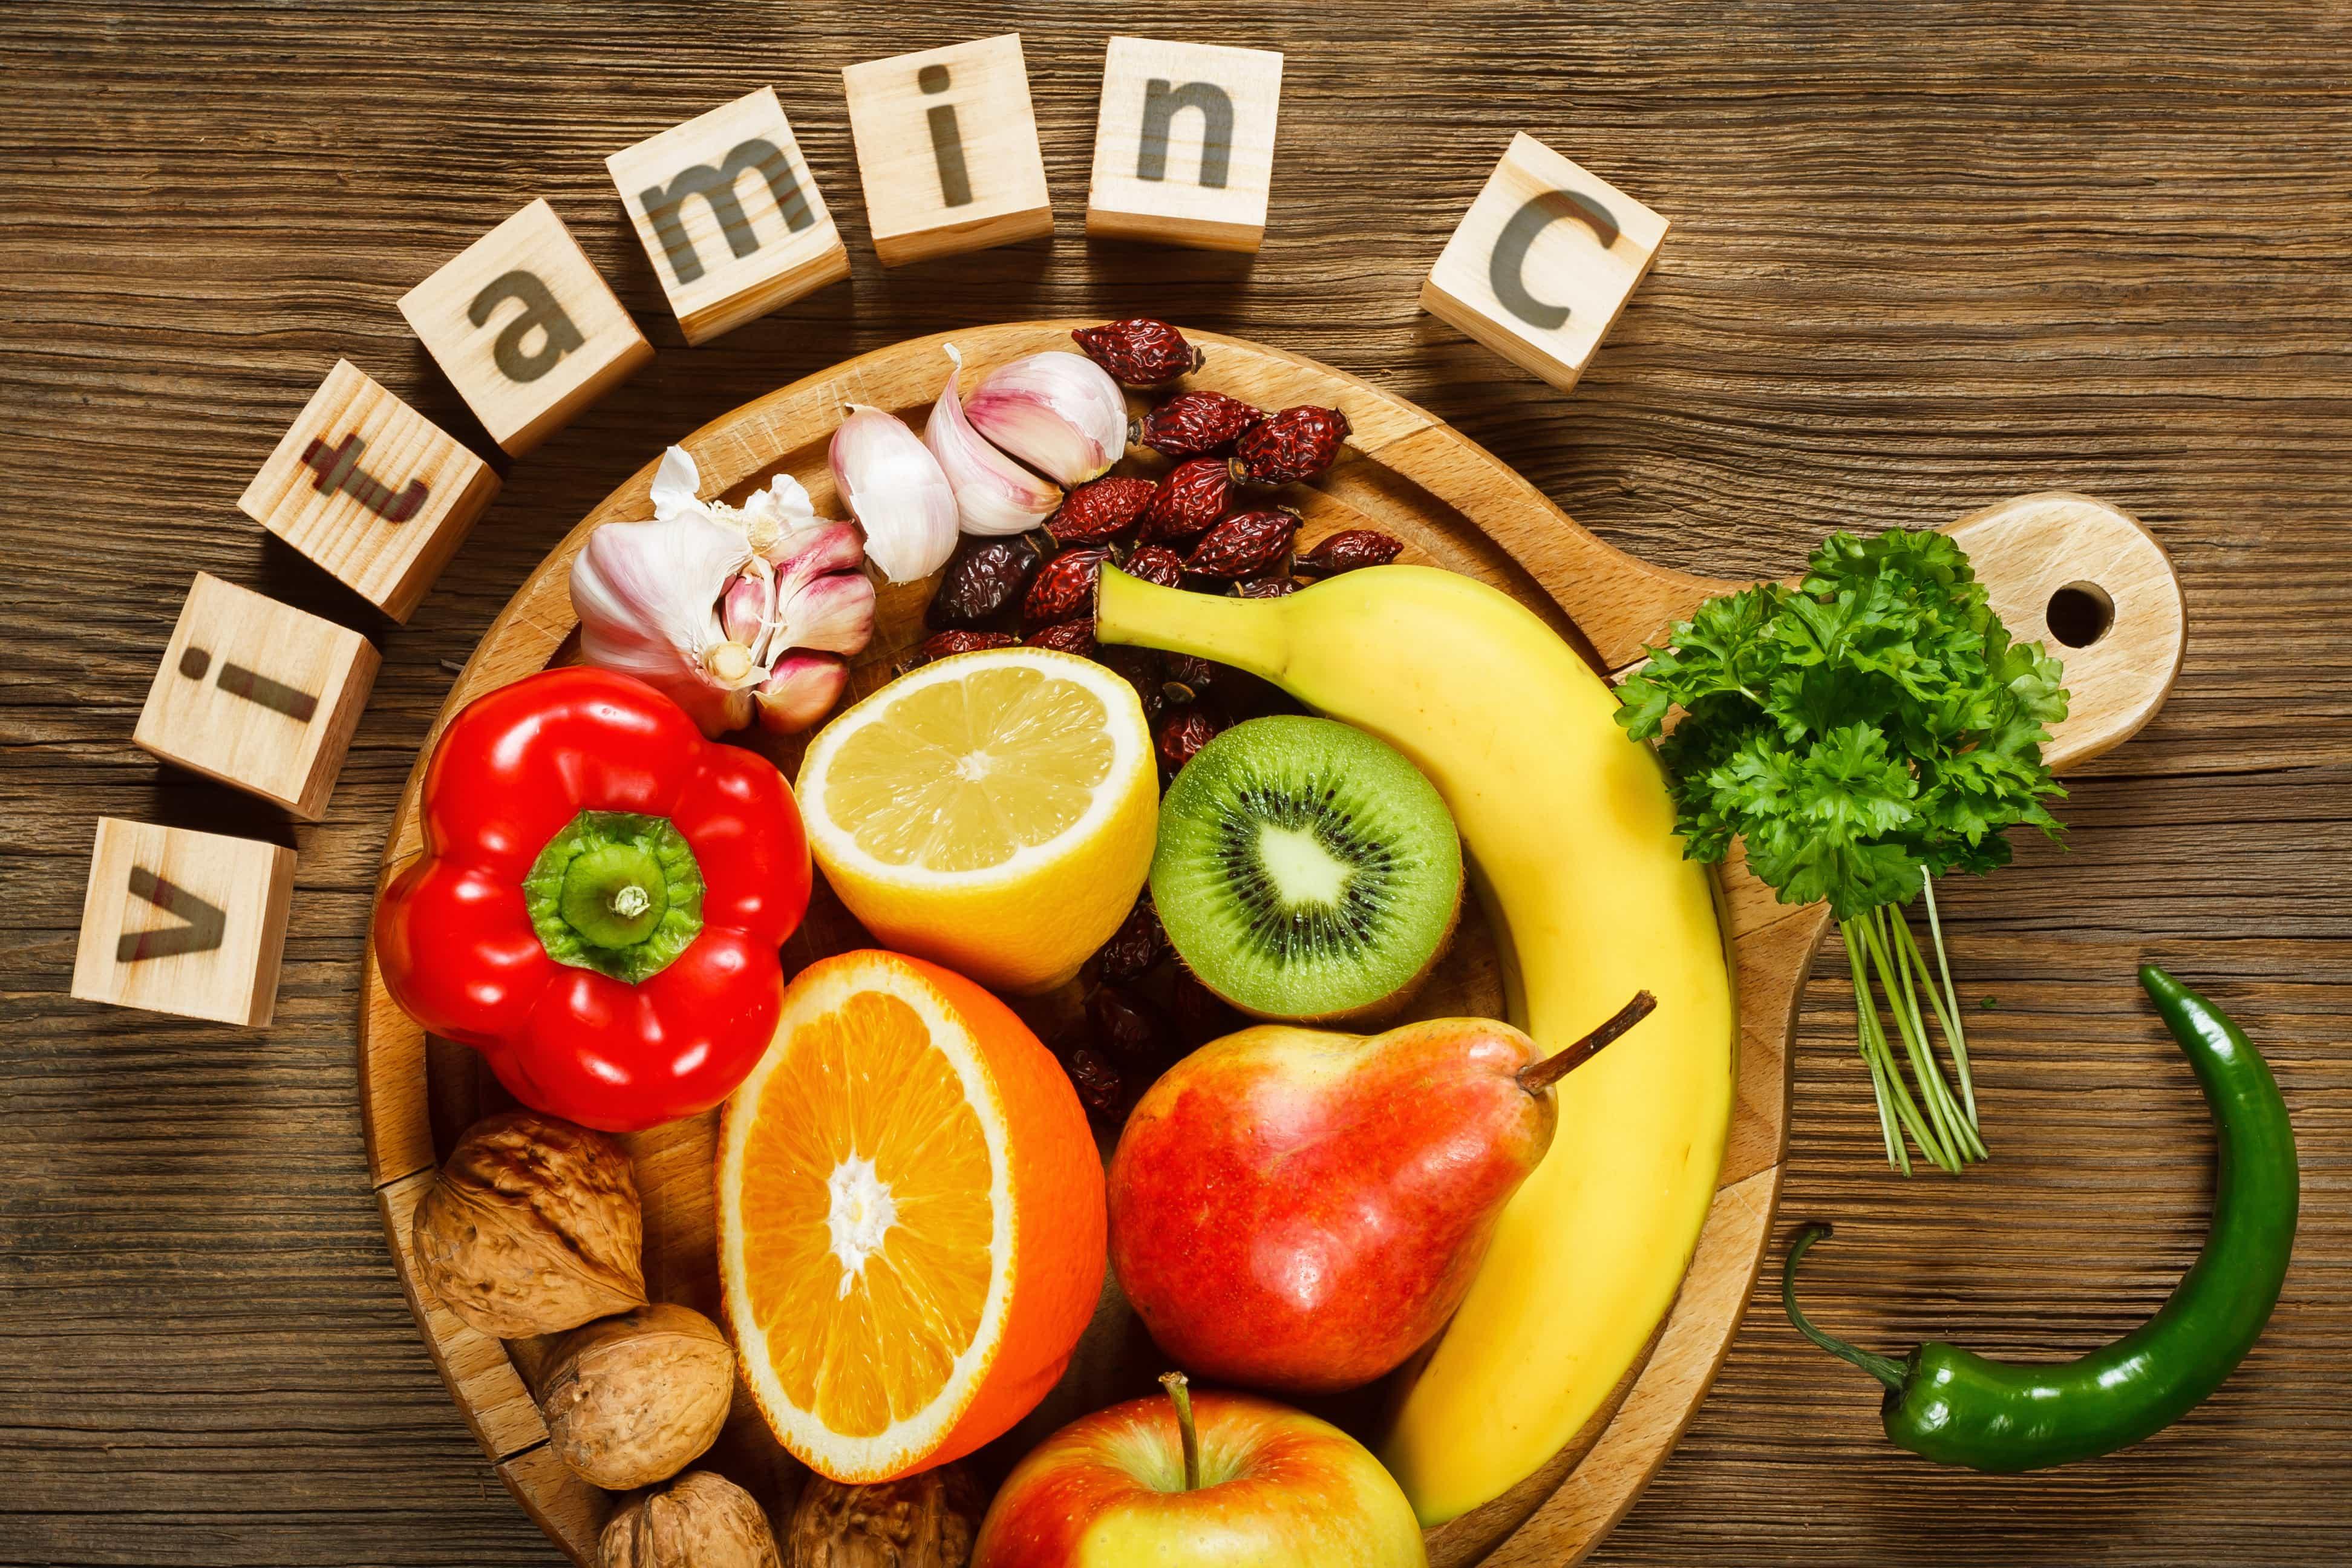 ビタミンCの取れる食べ物